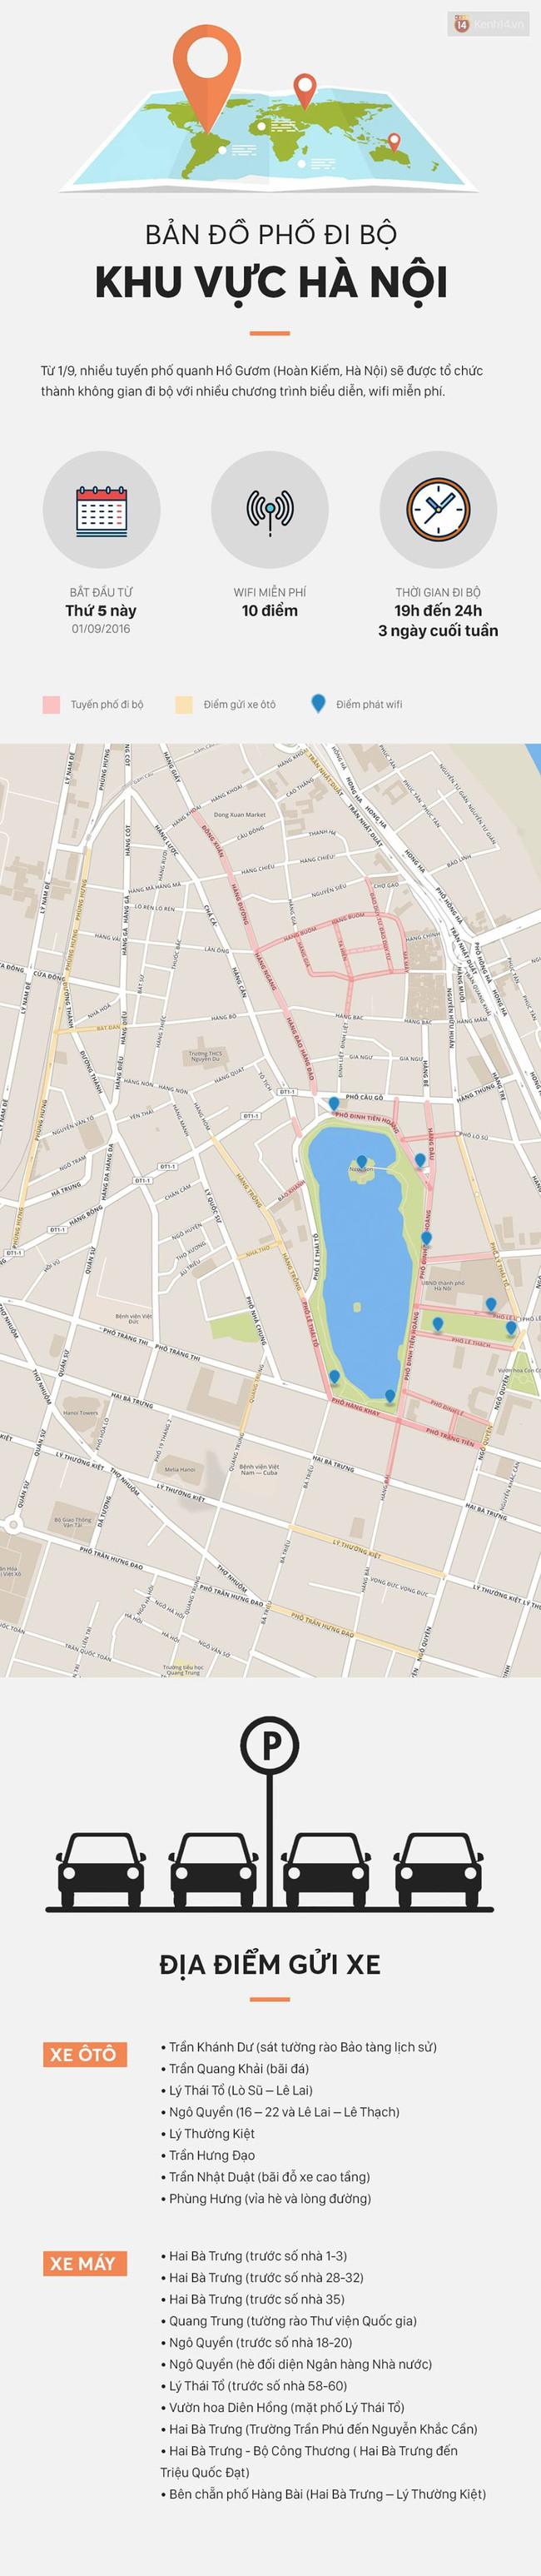 Infographic: 16 tuyến phố đi bộ quanh Hồ Gươm và những điểm gửi xe tiện lợi cho du khách - Ảnh 5.